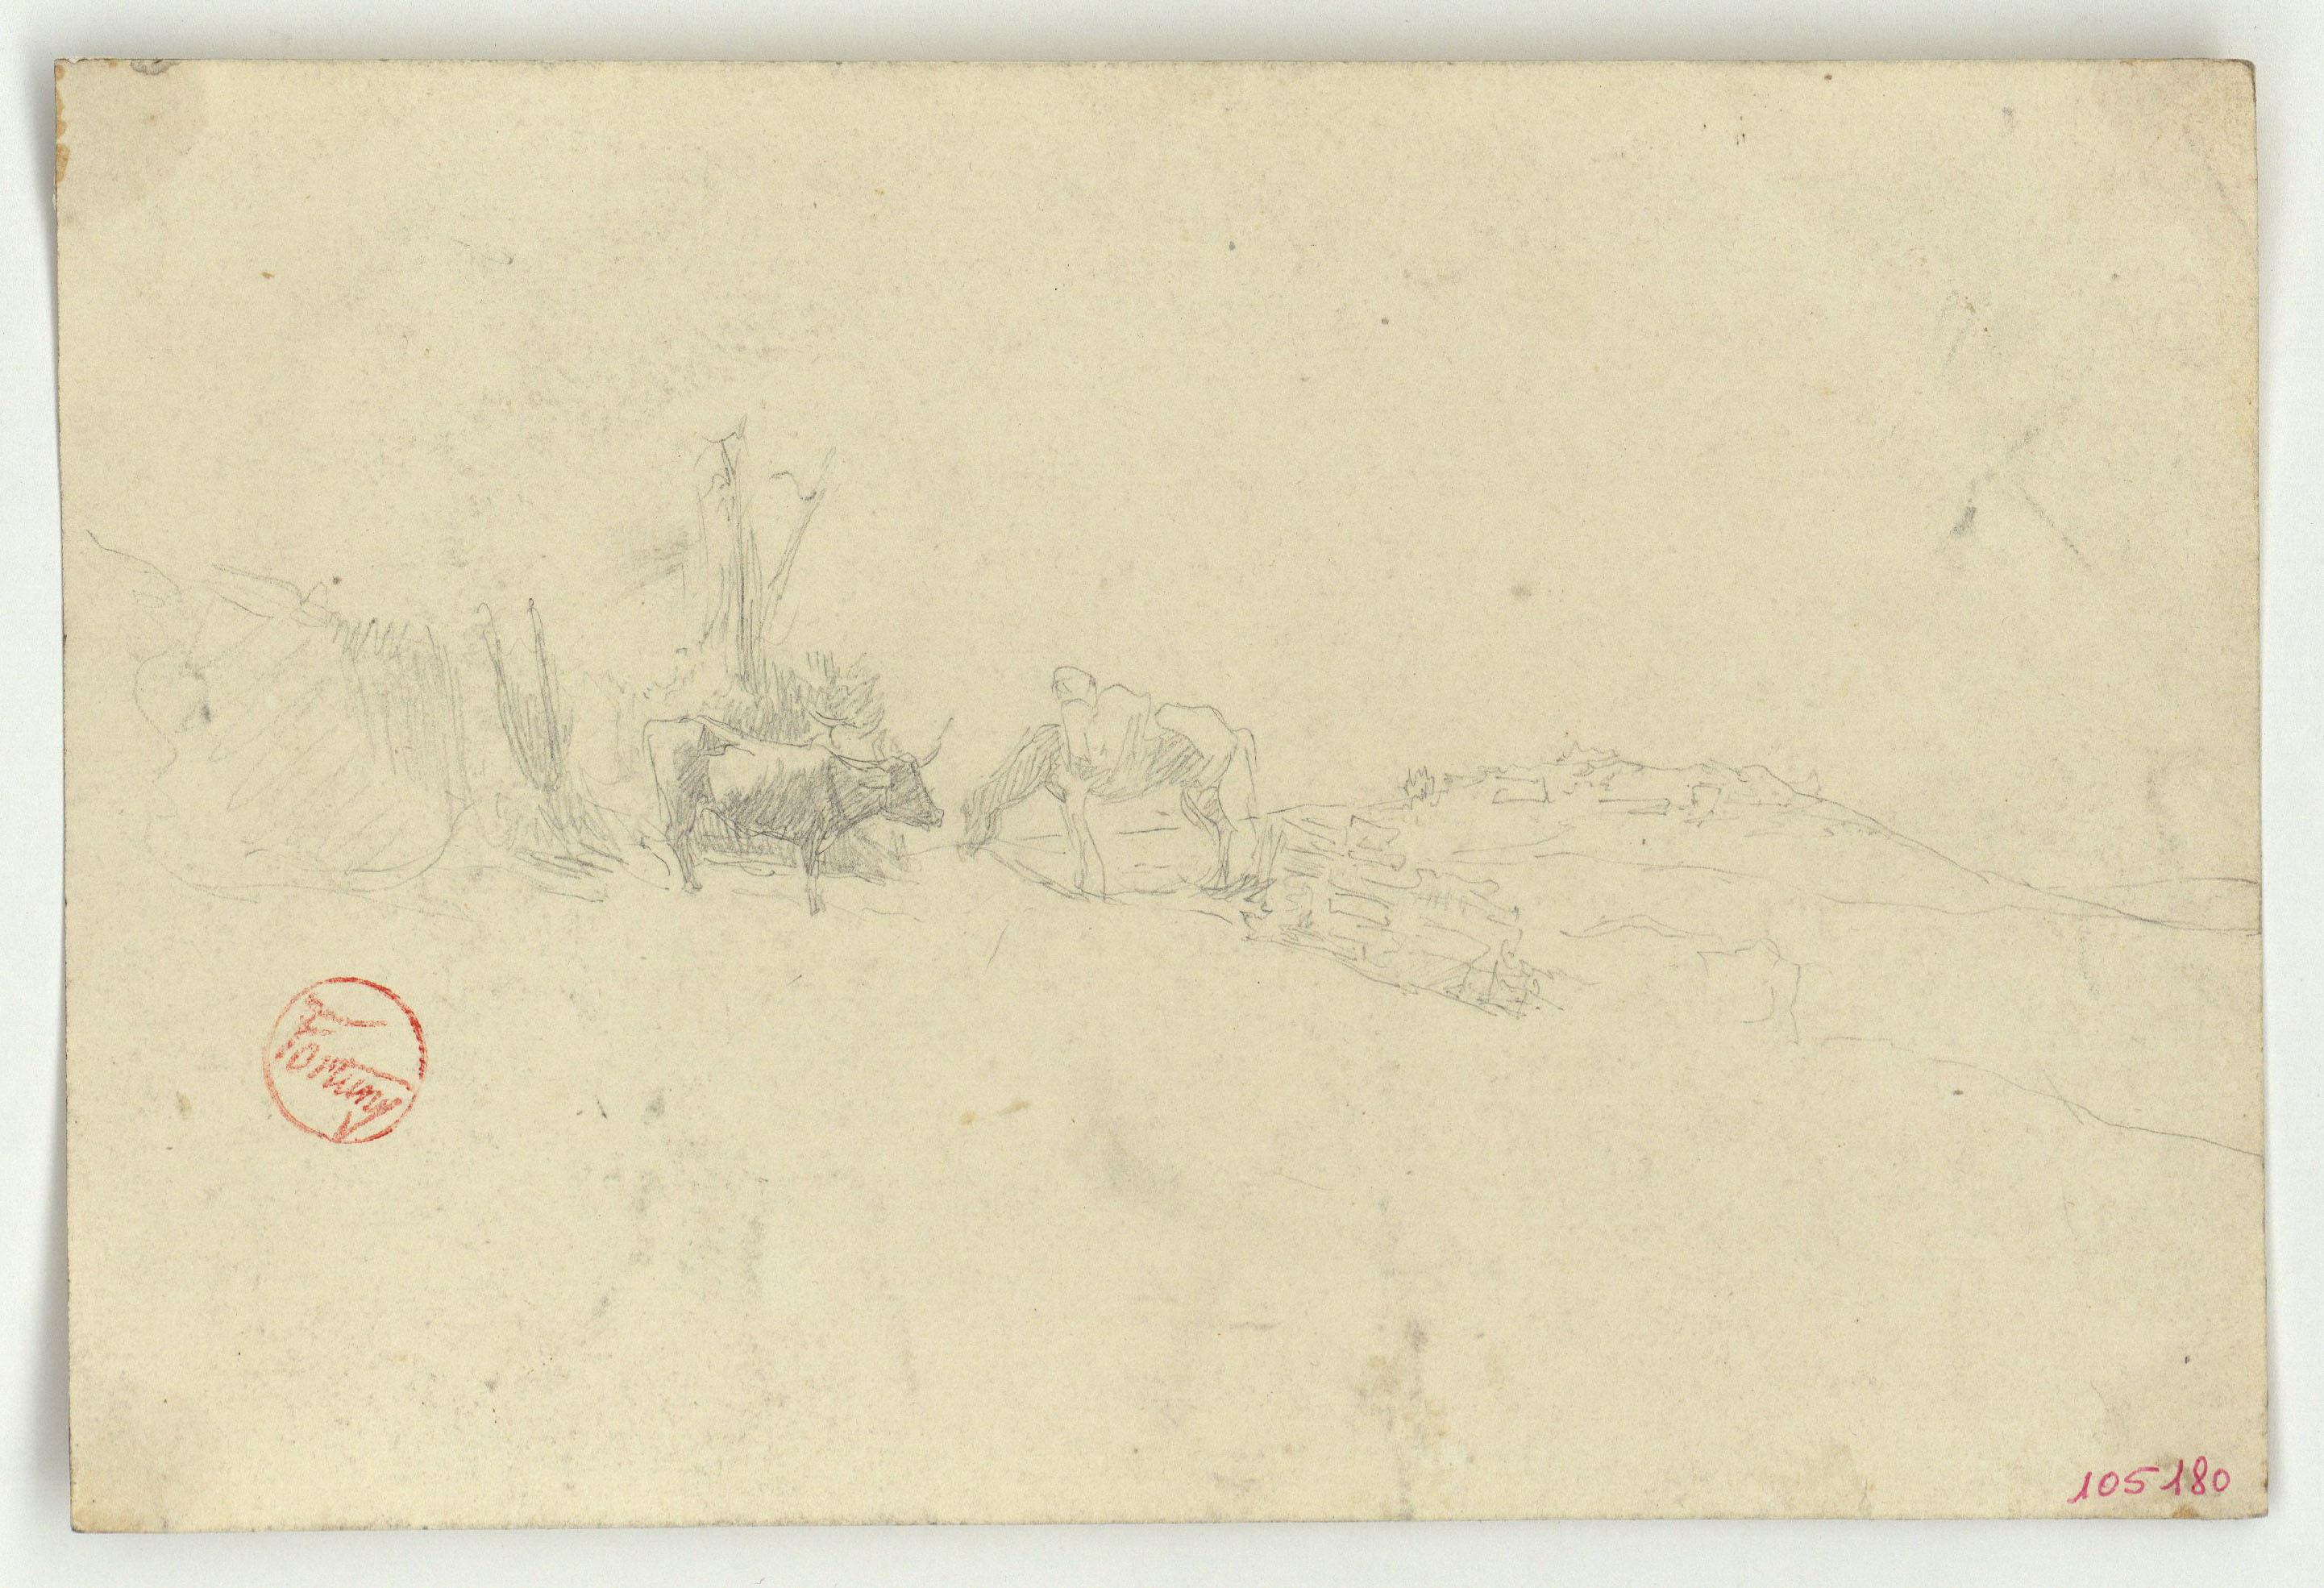 Marià Fortuny - Bou i cavall al camp (anvers) / Croquis de portes d'edificis d'estil musulmà (revers) - Cap a 1860-1862